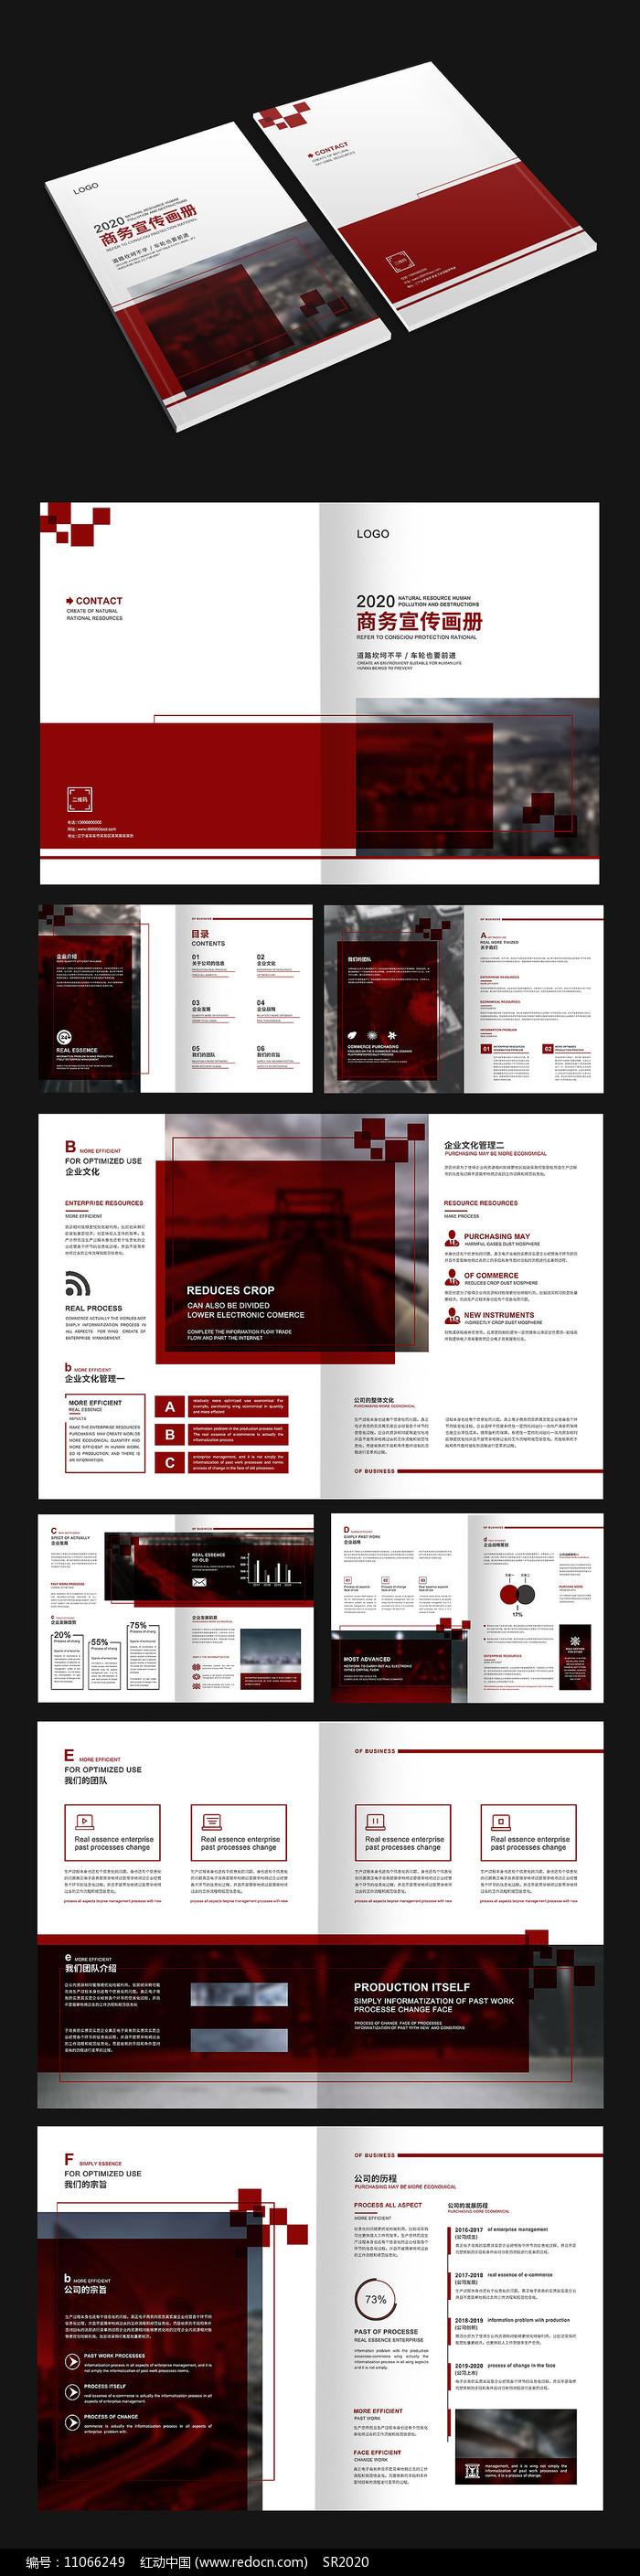 红色高端商务画册设计